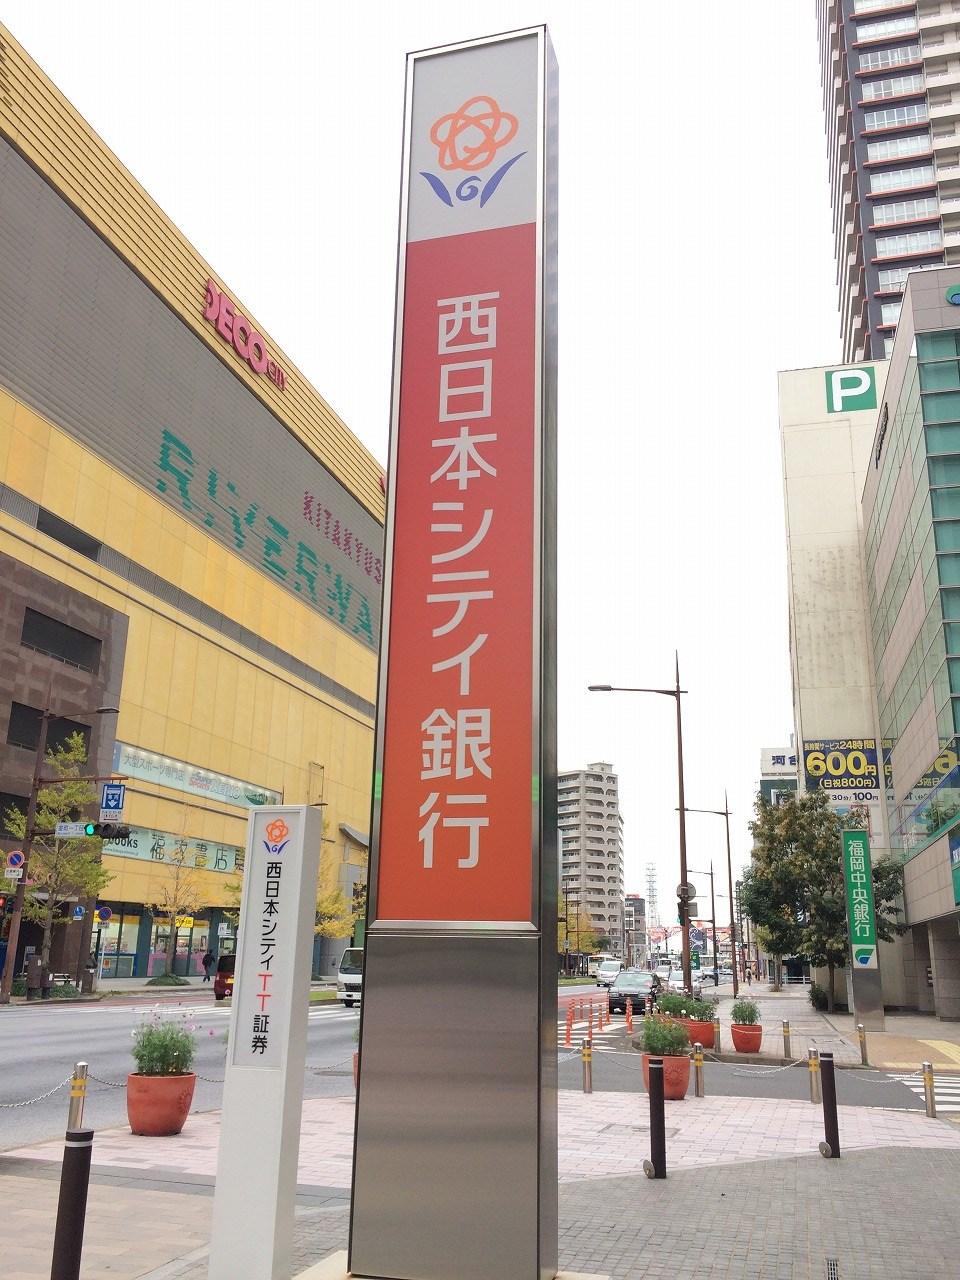 銀行:西日本シティ銀行 メイト黒崎 980m